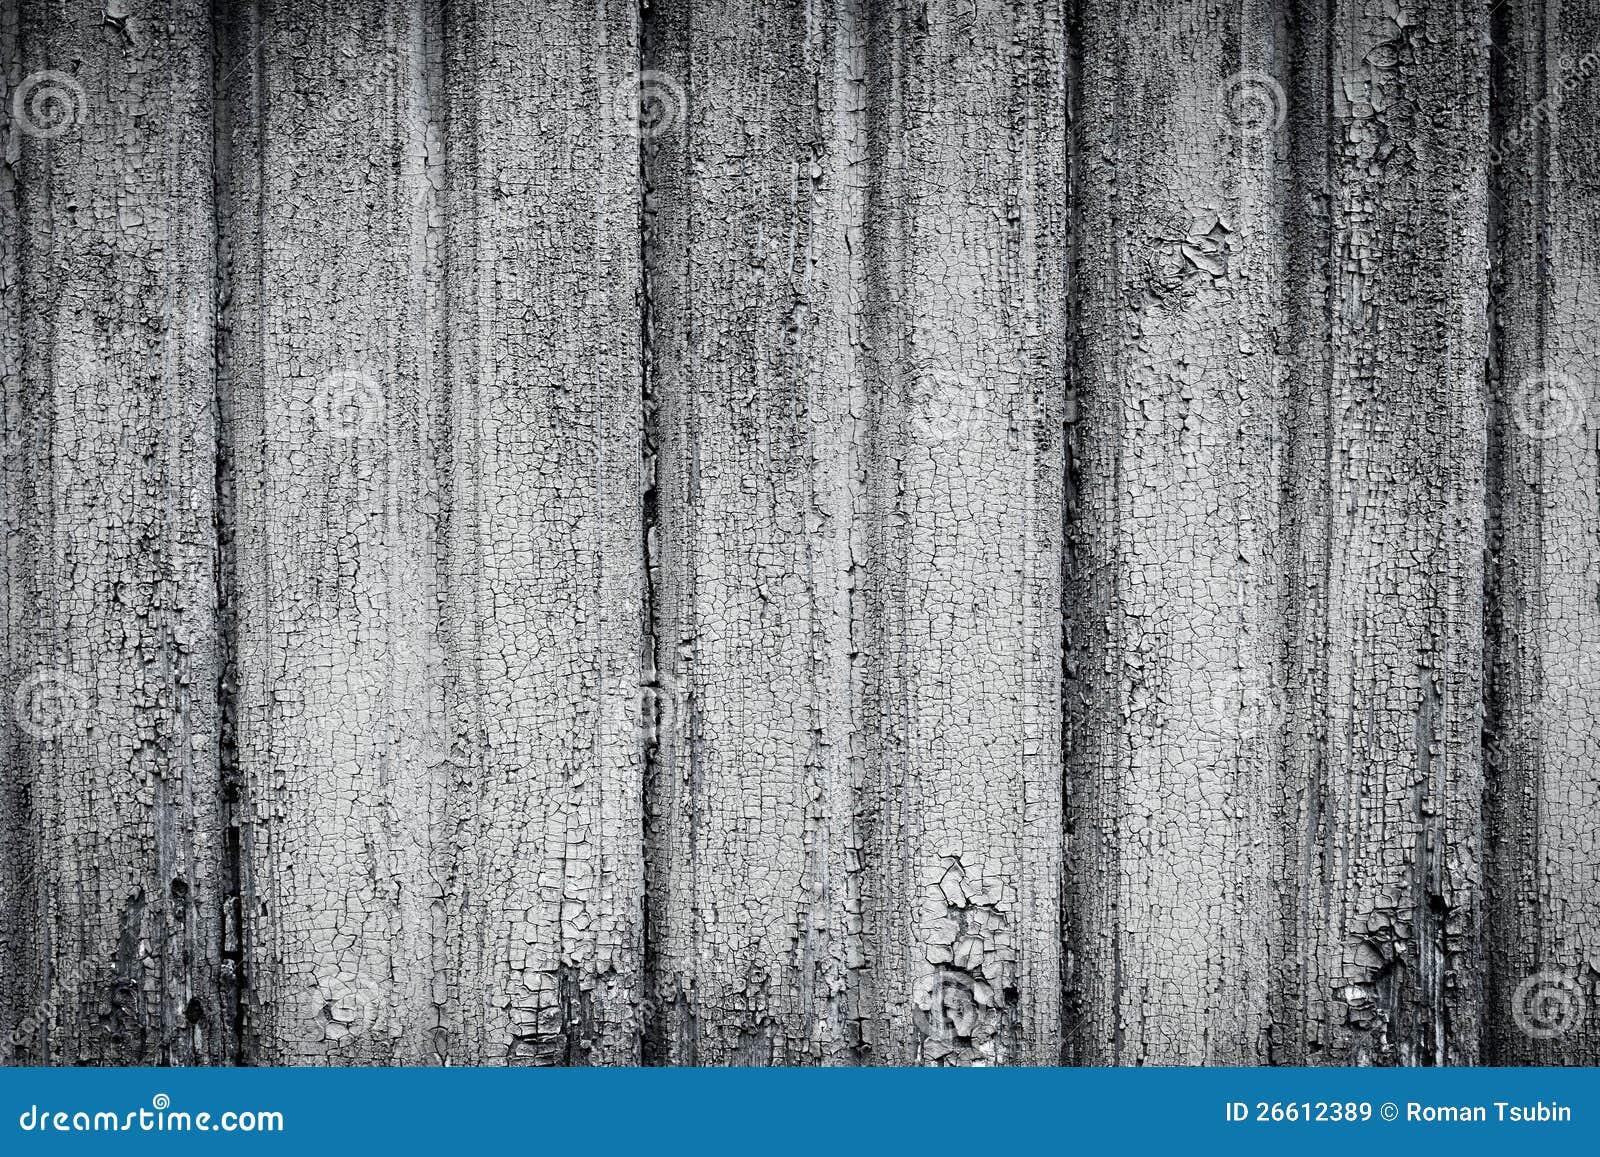 Legno Bianco E Nero : Parete di legno in bianco e nero della priorità bassa immagine